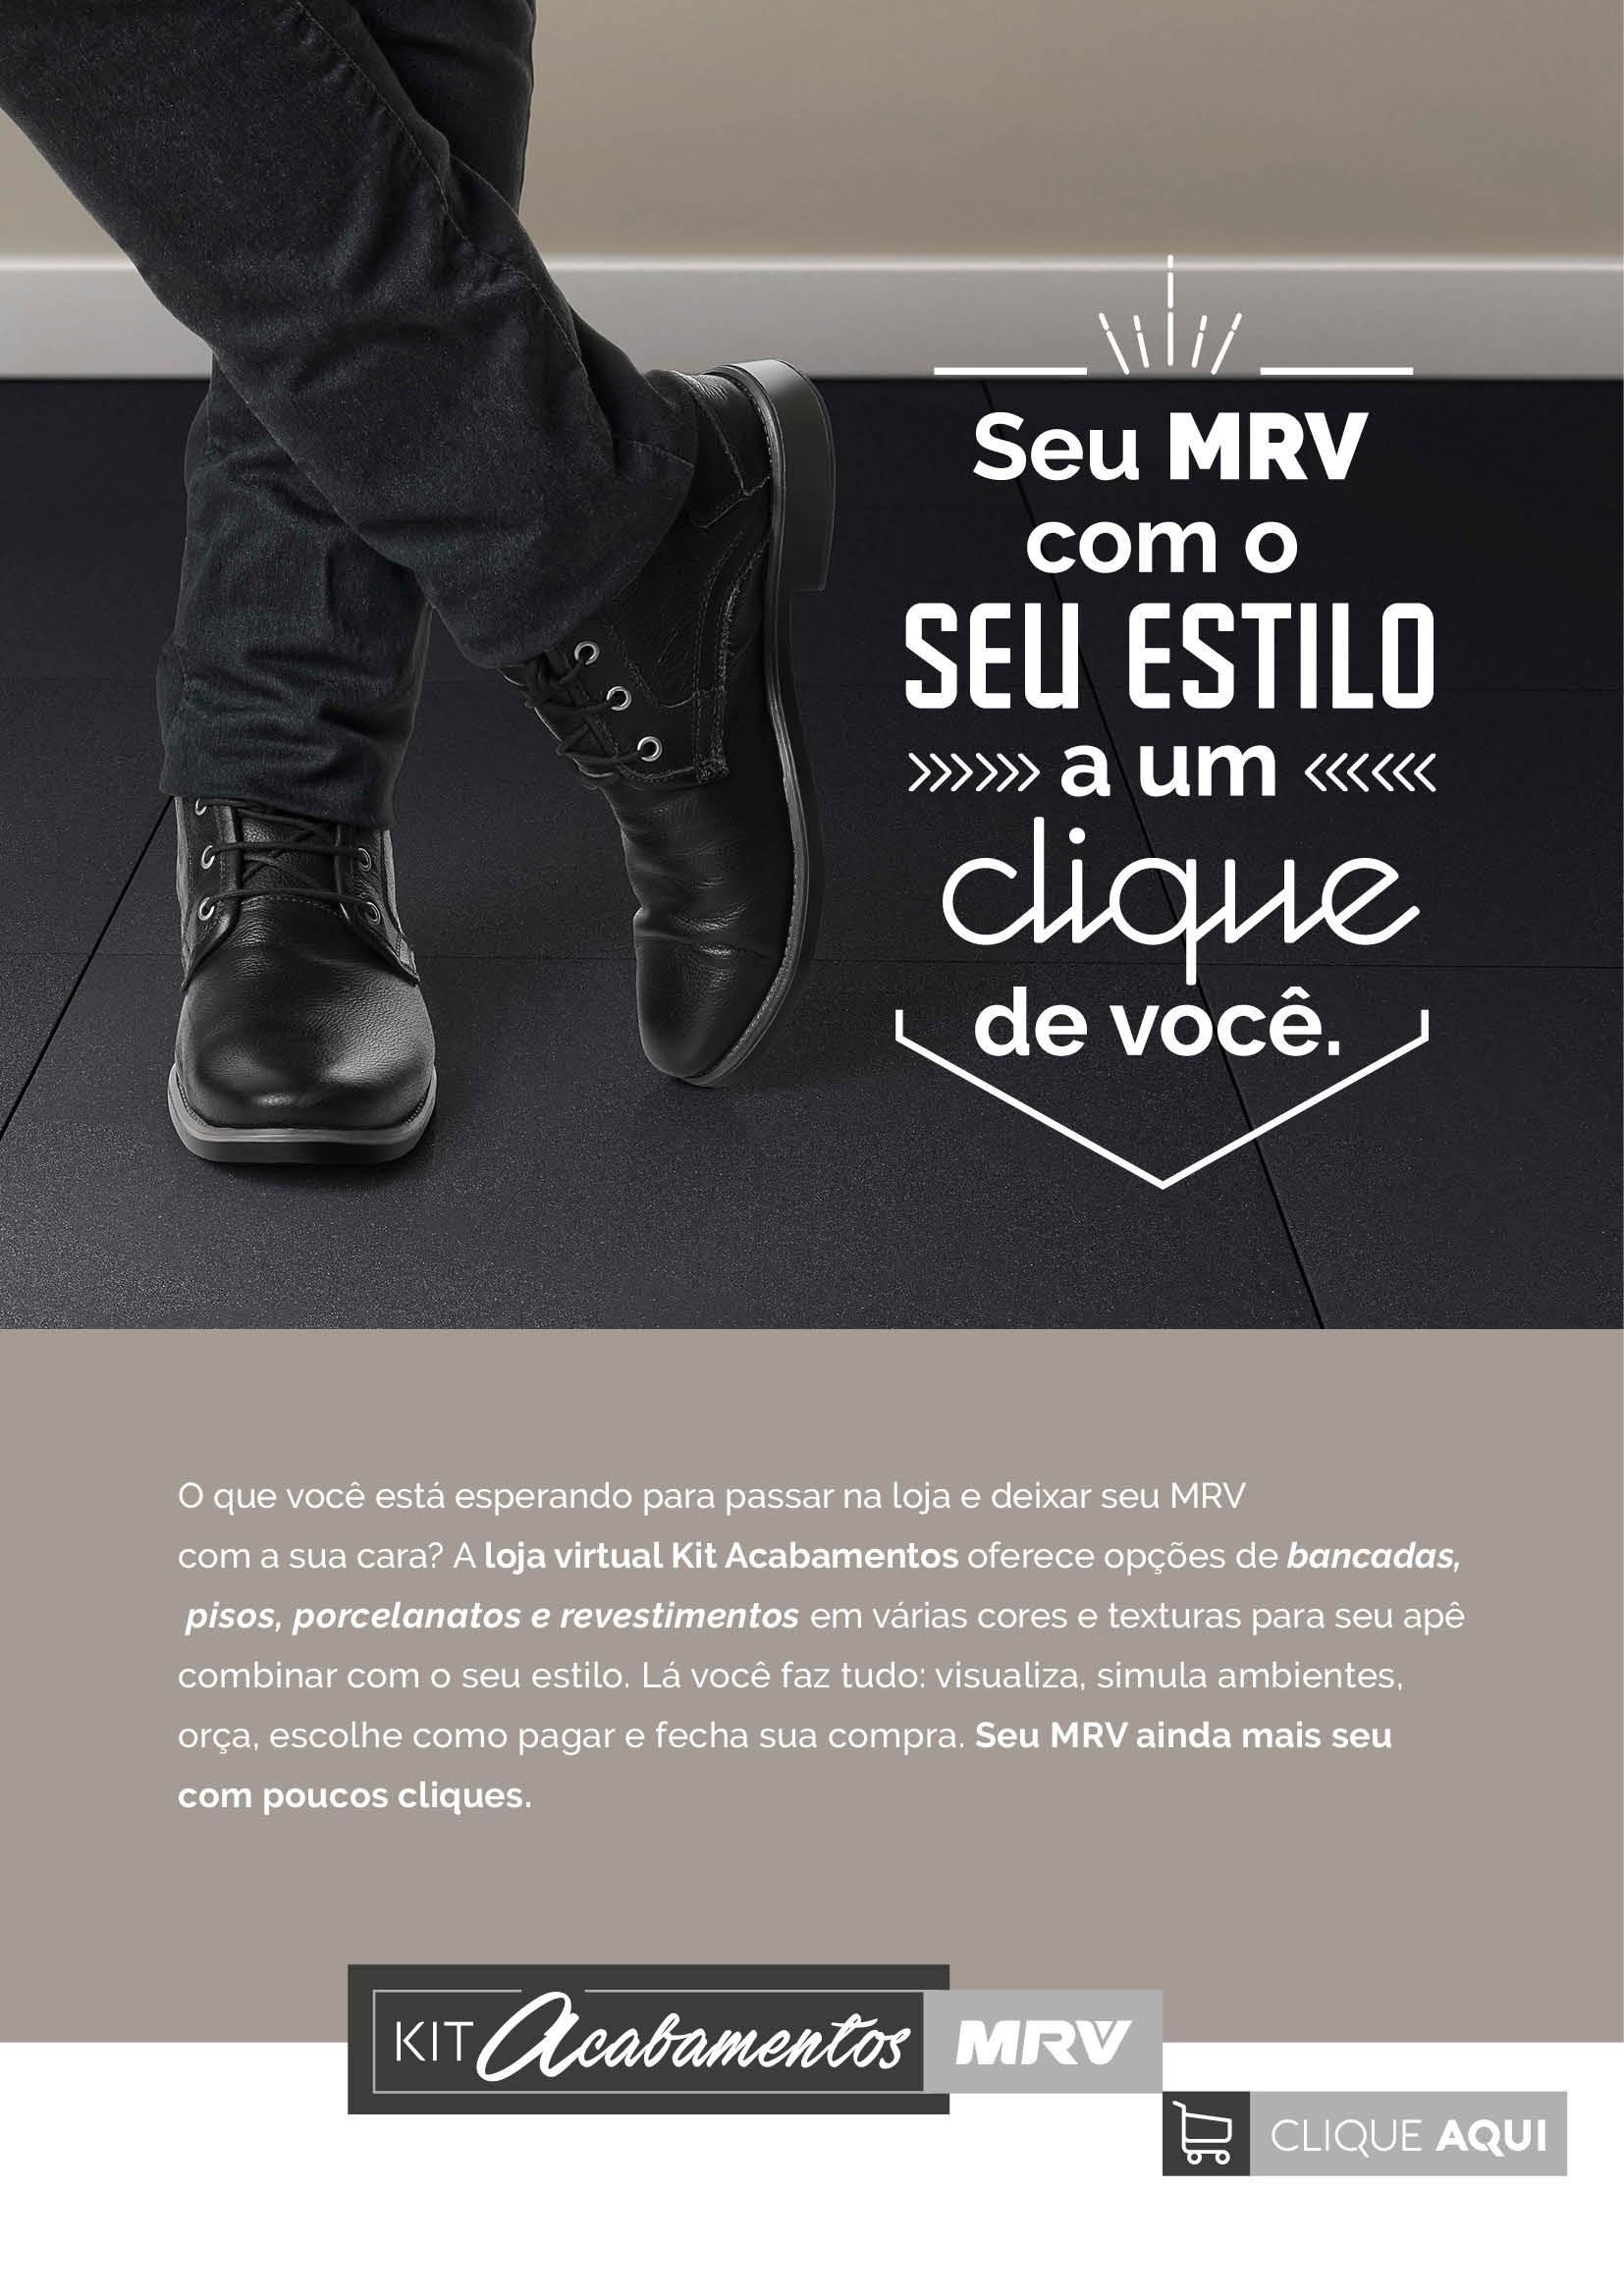 mrv_acabamentos05